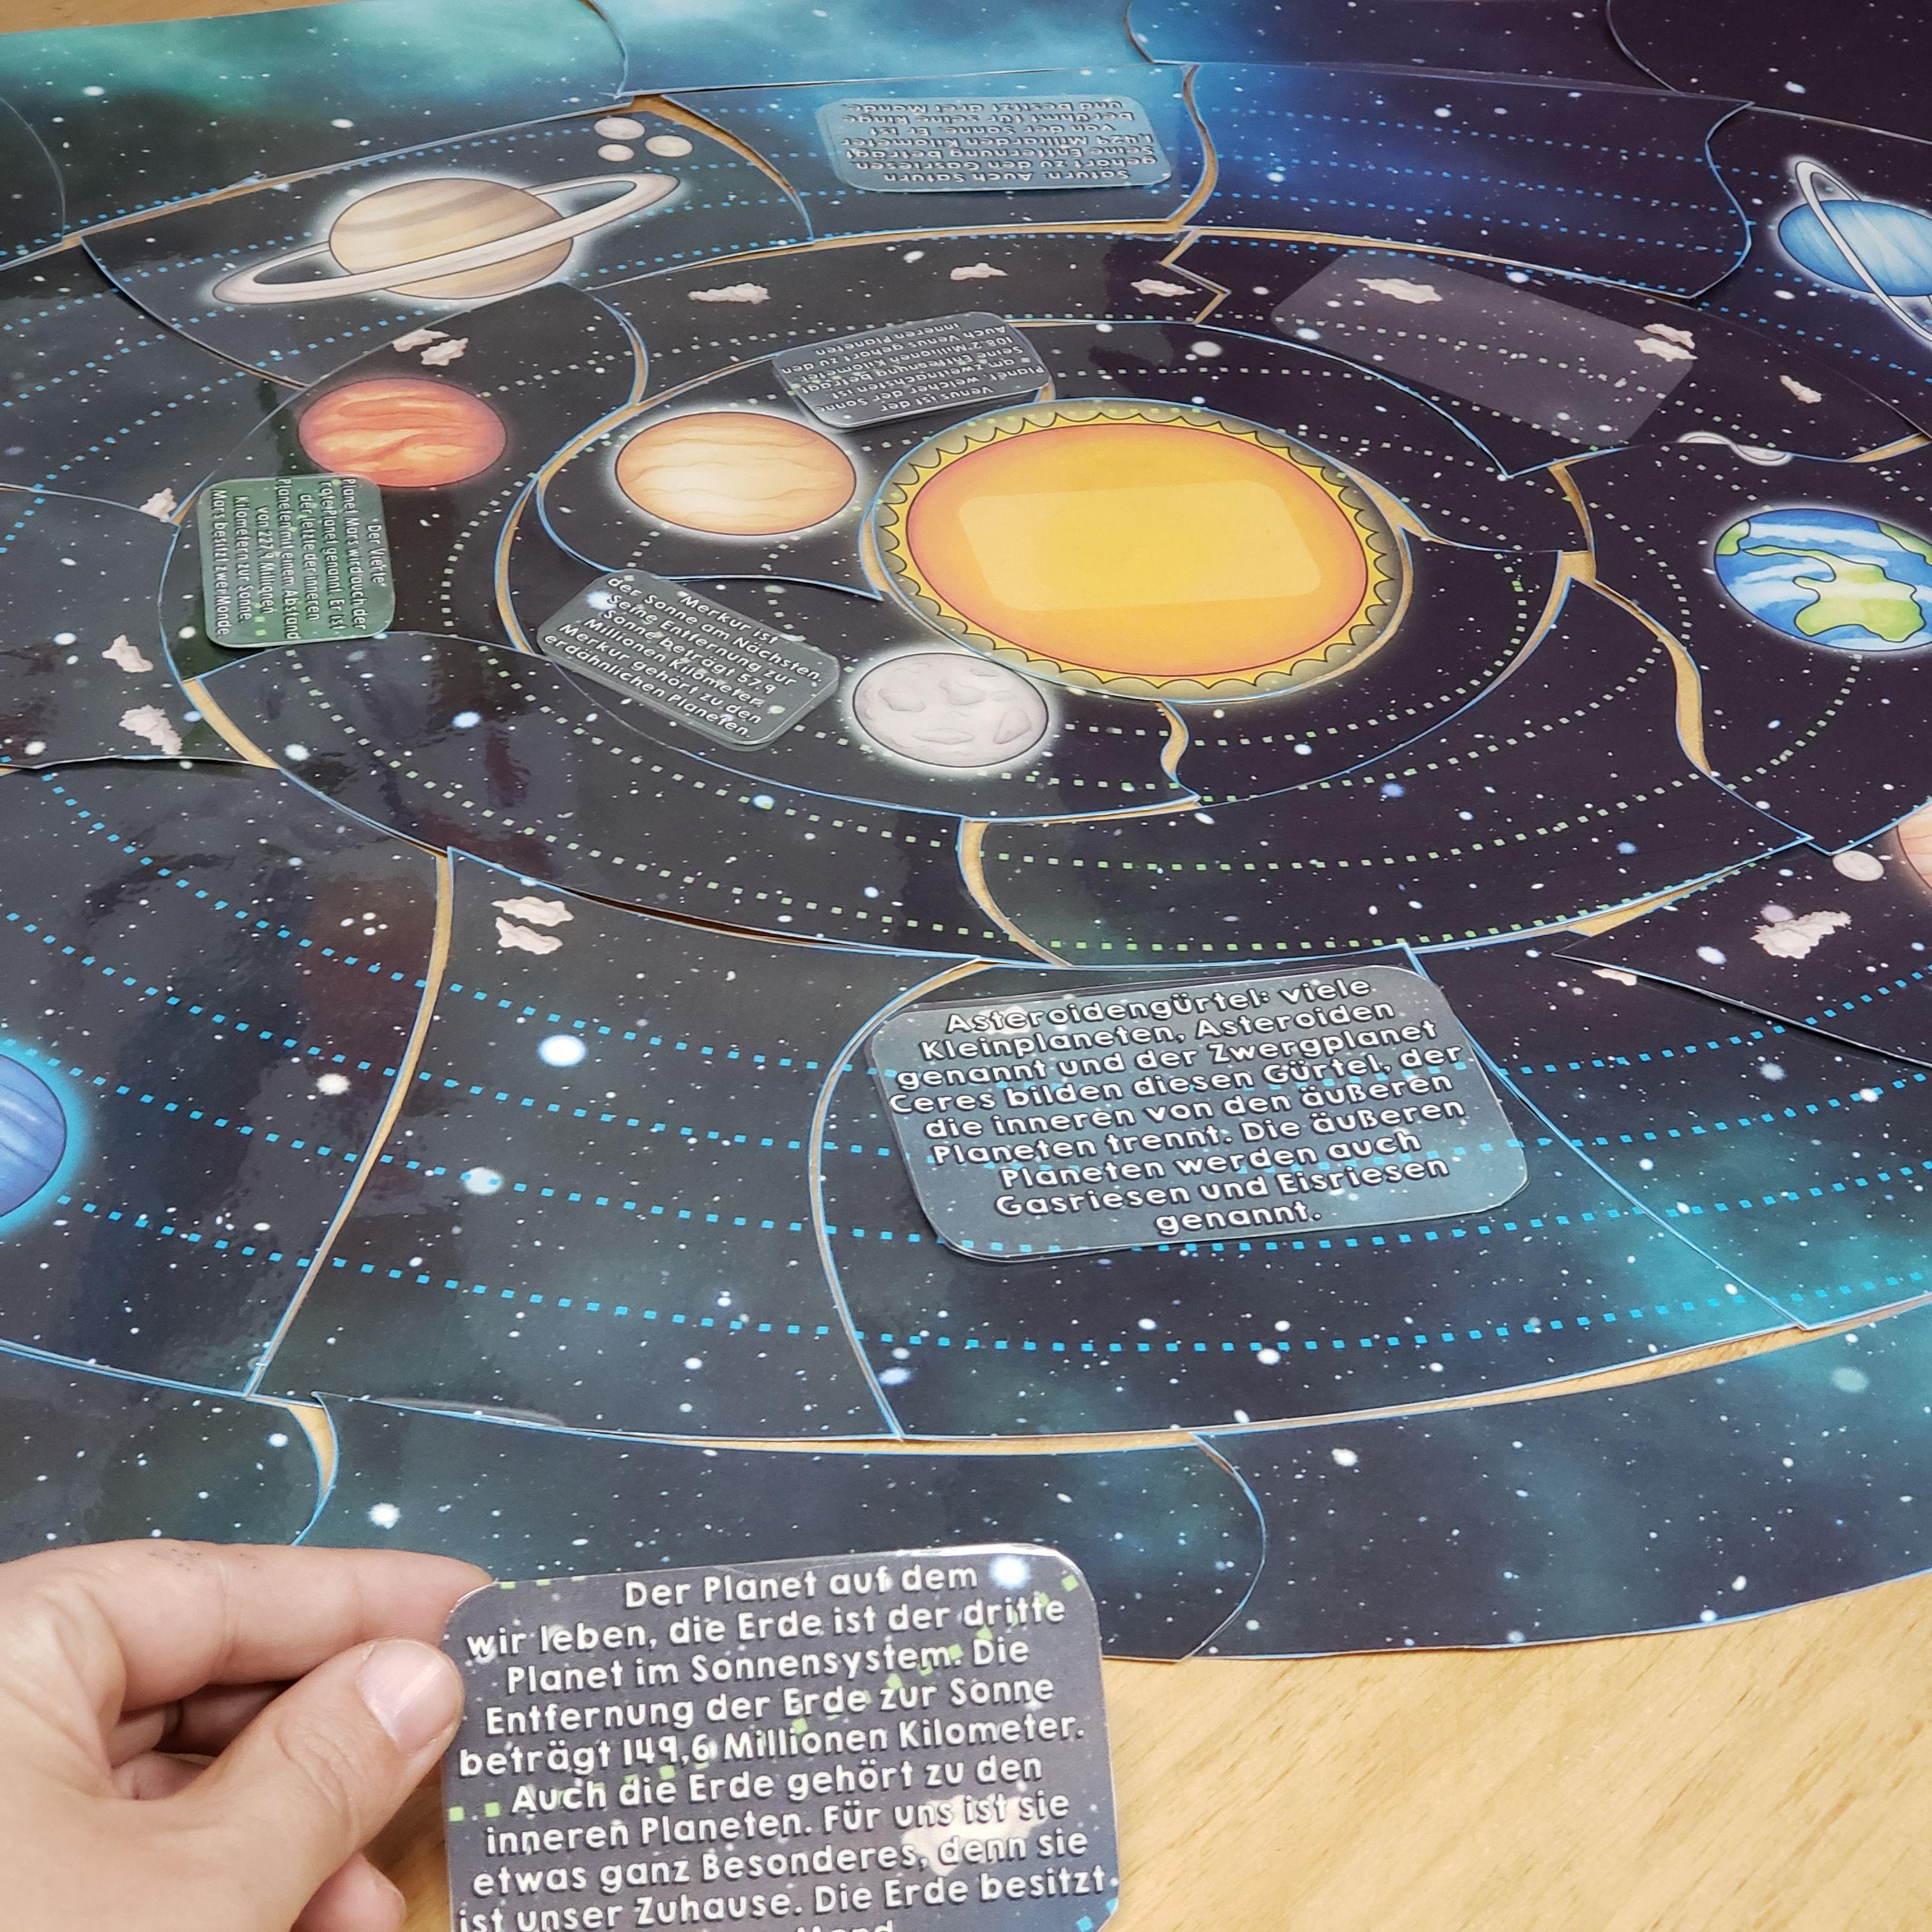 Spielerisch Durch Puzzlen Lernen Kinder Wie Planeten